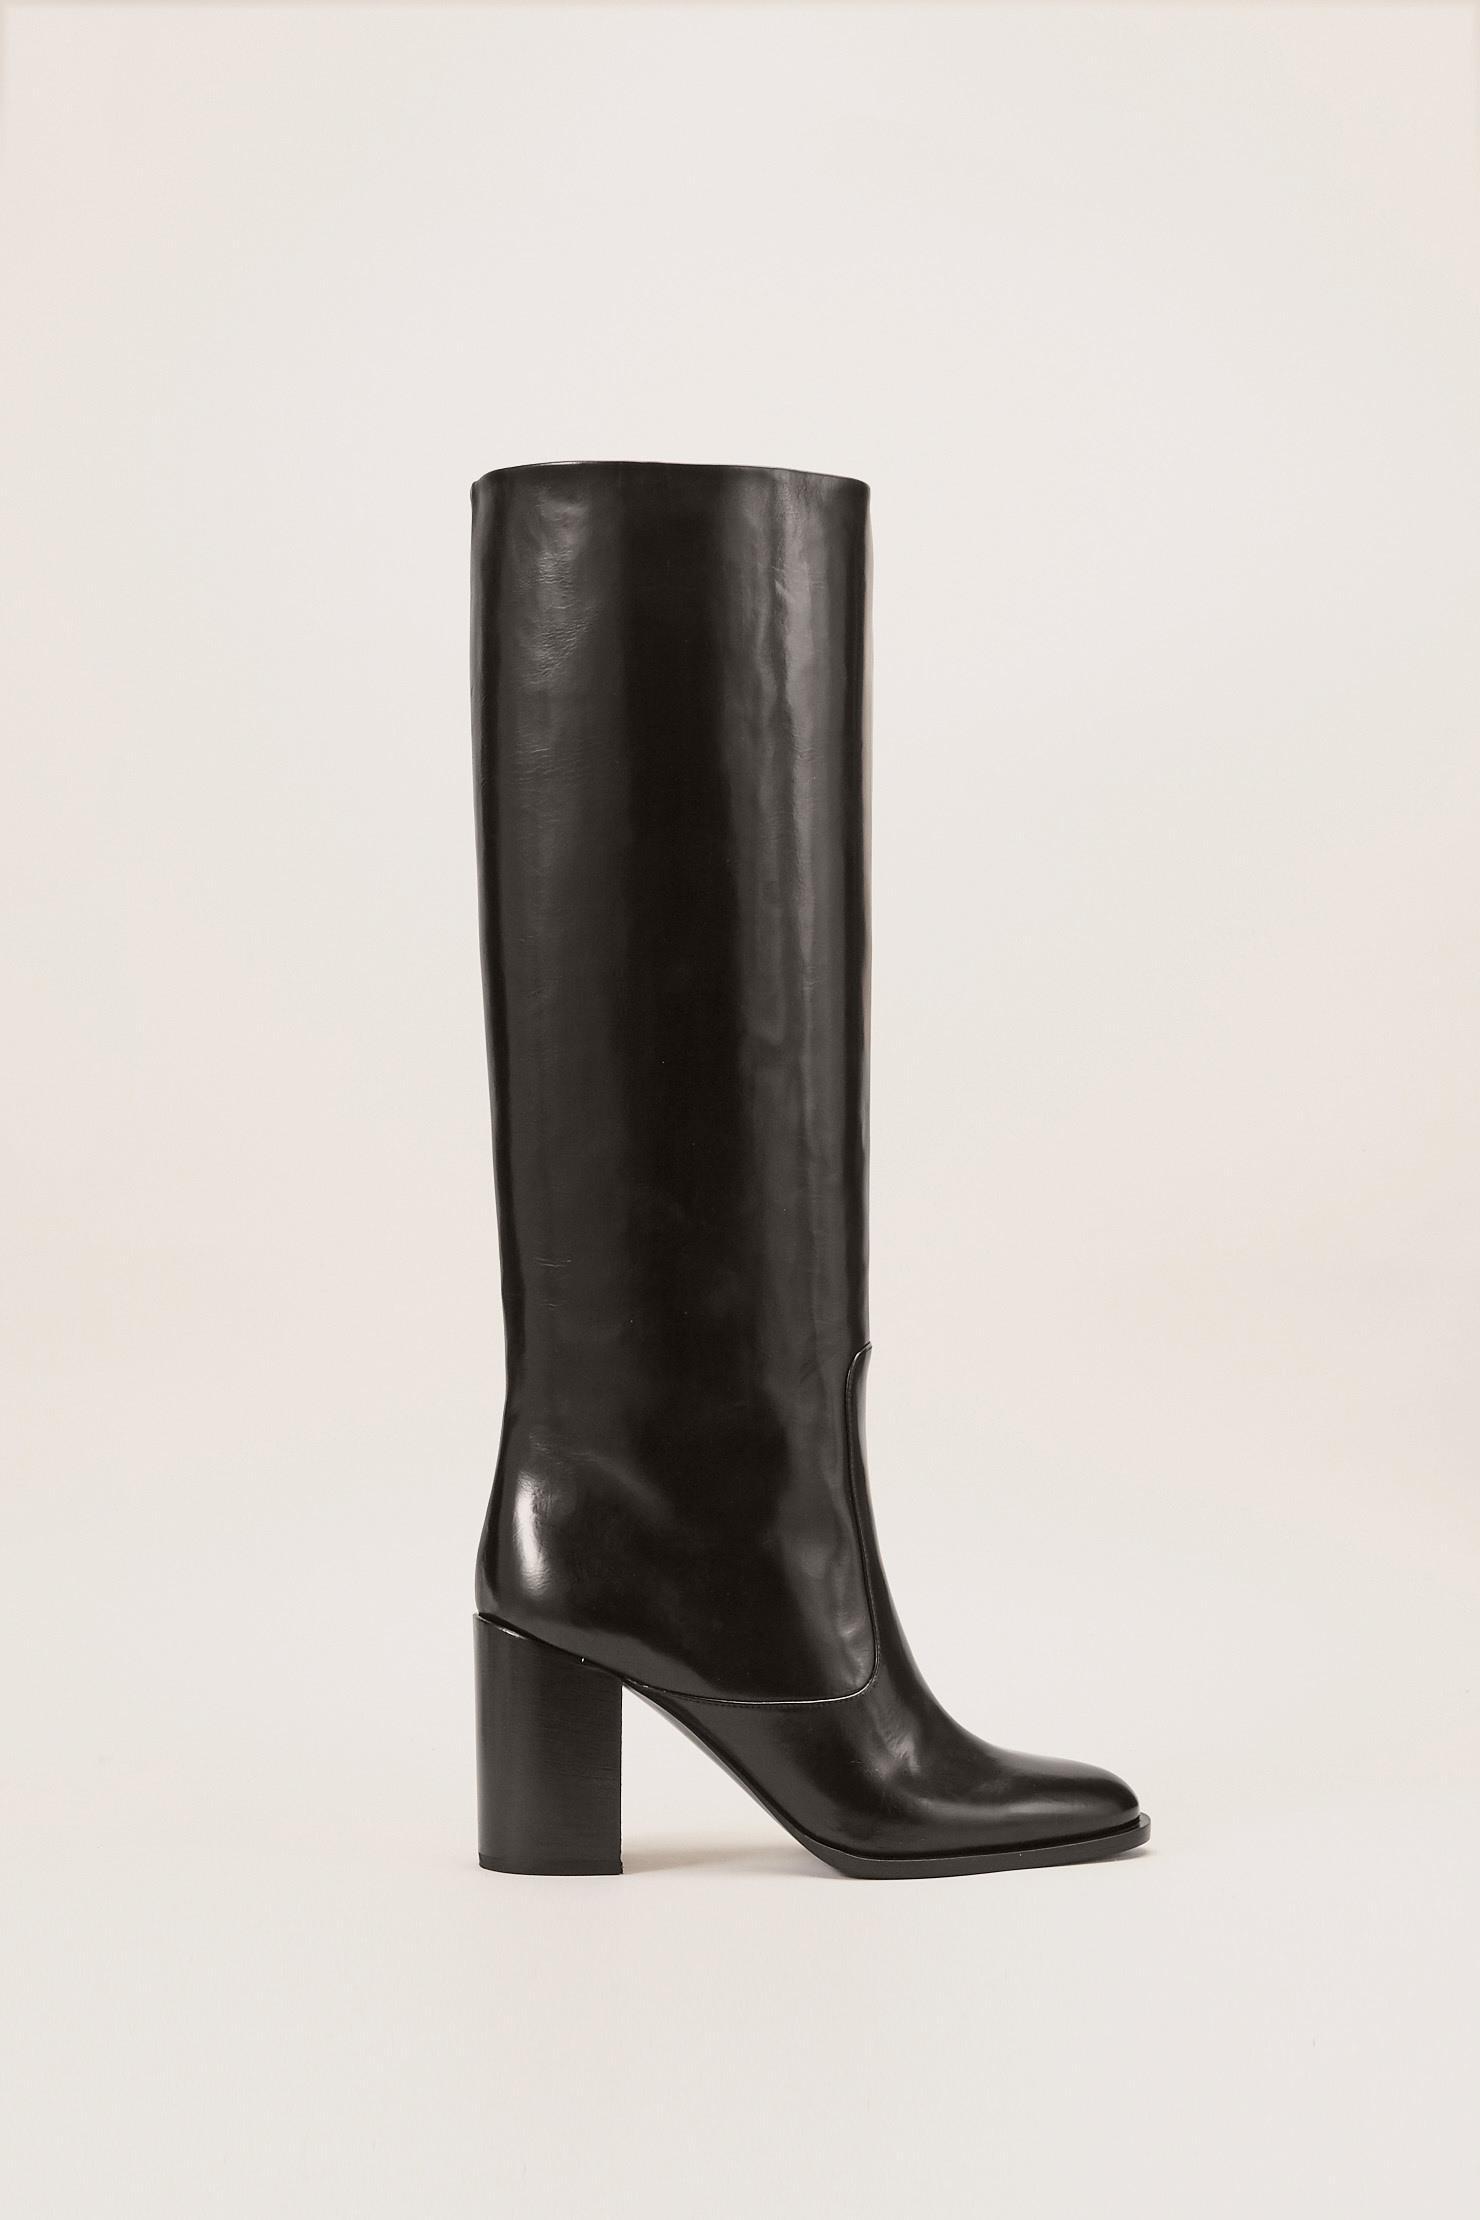 Veronique Branquinho Leather Boots KkLUsa6lI